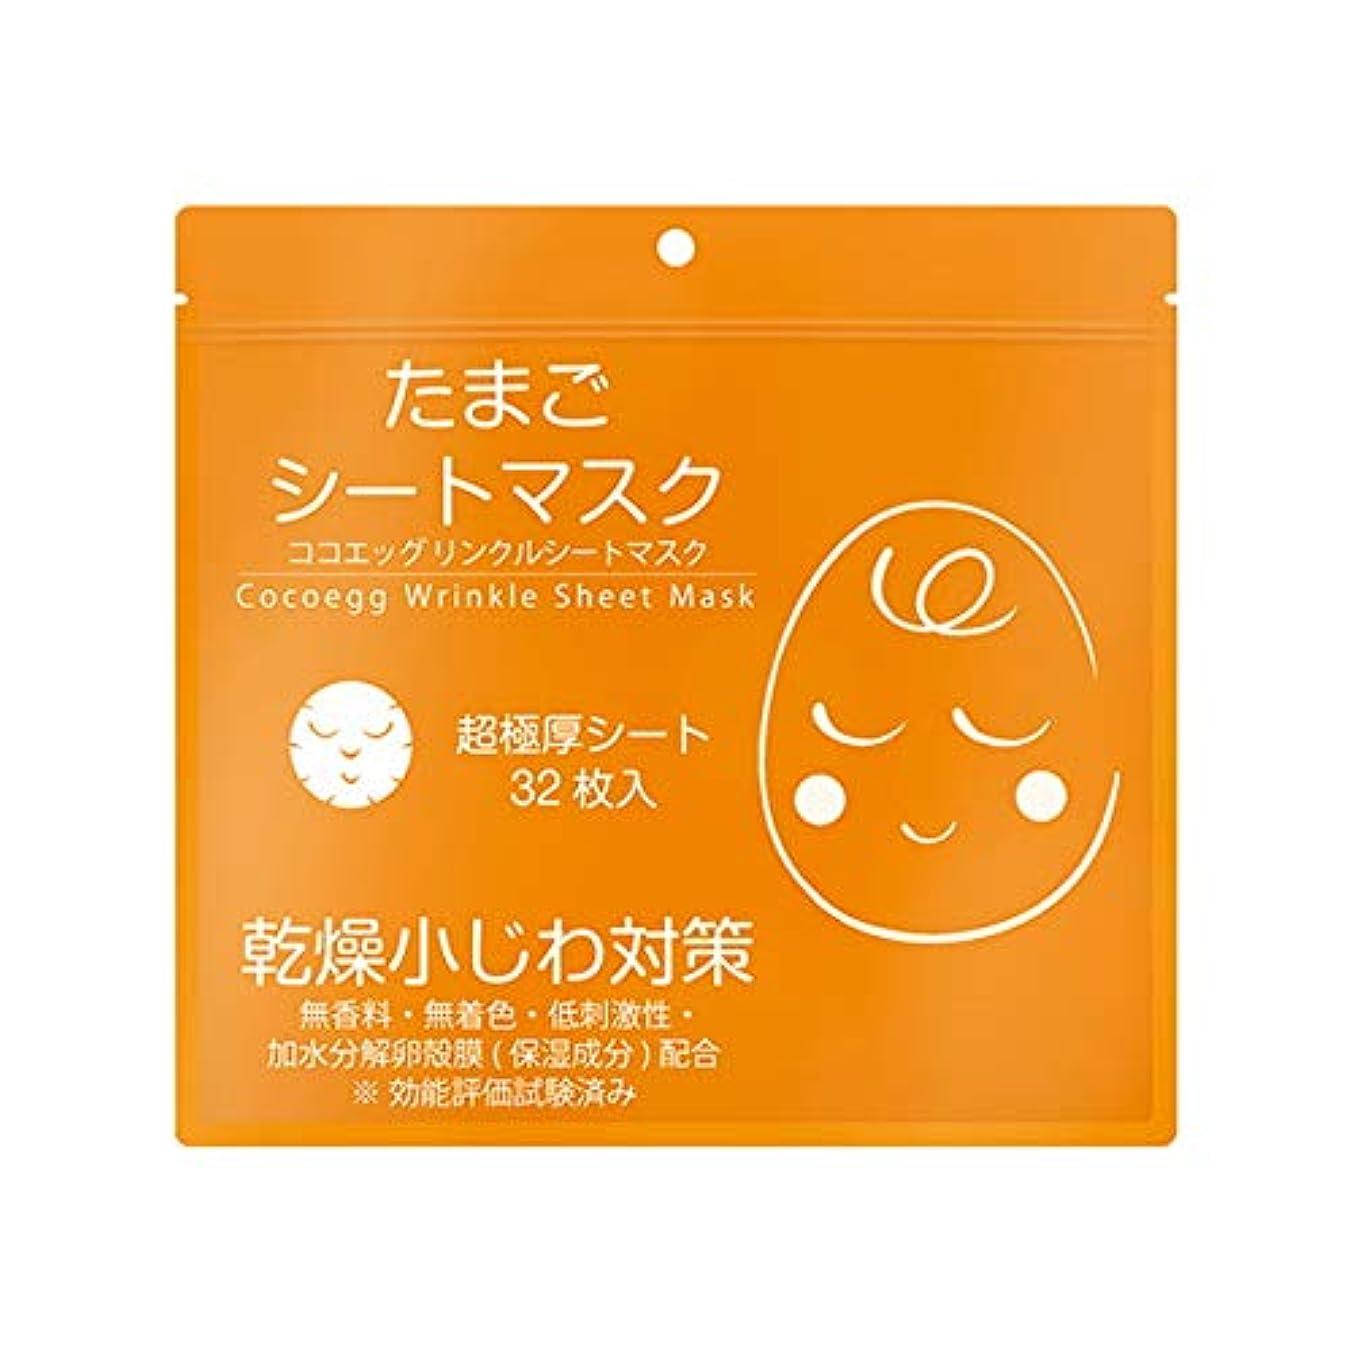 スキニー電化するスマッシュココエッグ CCEリンクルシートマスク フェイスマスク W249×D23×H209mm